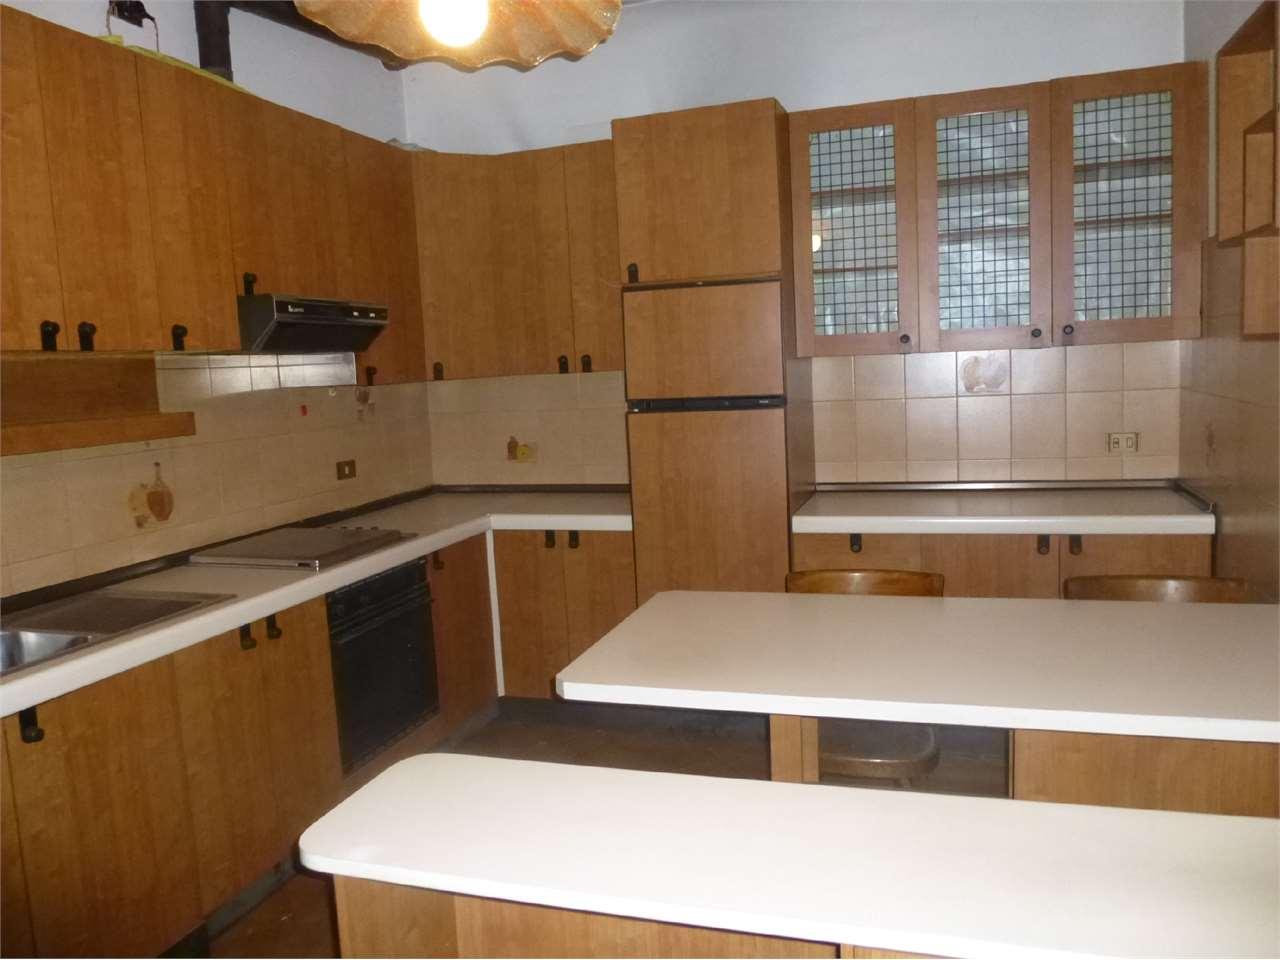 Appartamento in vendita a Busto Garolfo, 4 locali, prezzo € 95.000 | CambioCasa.it